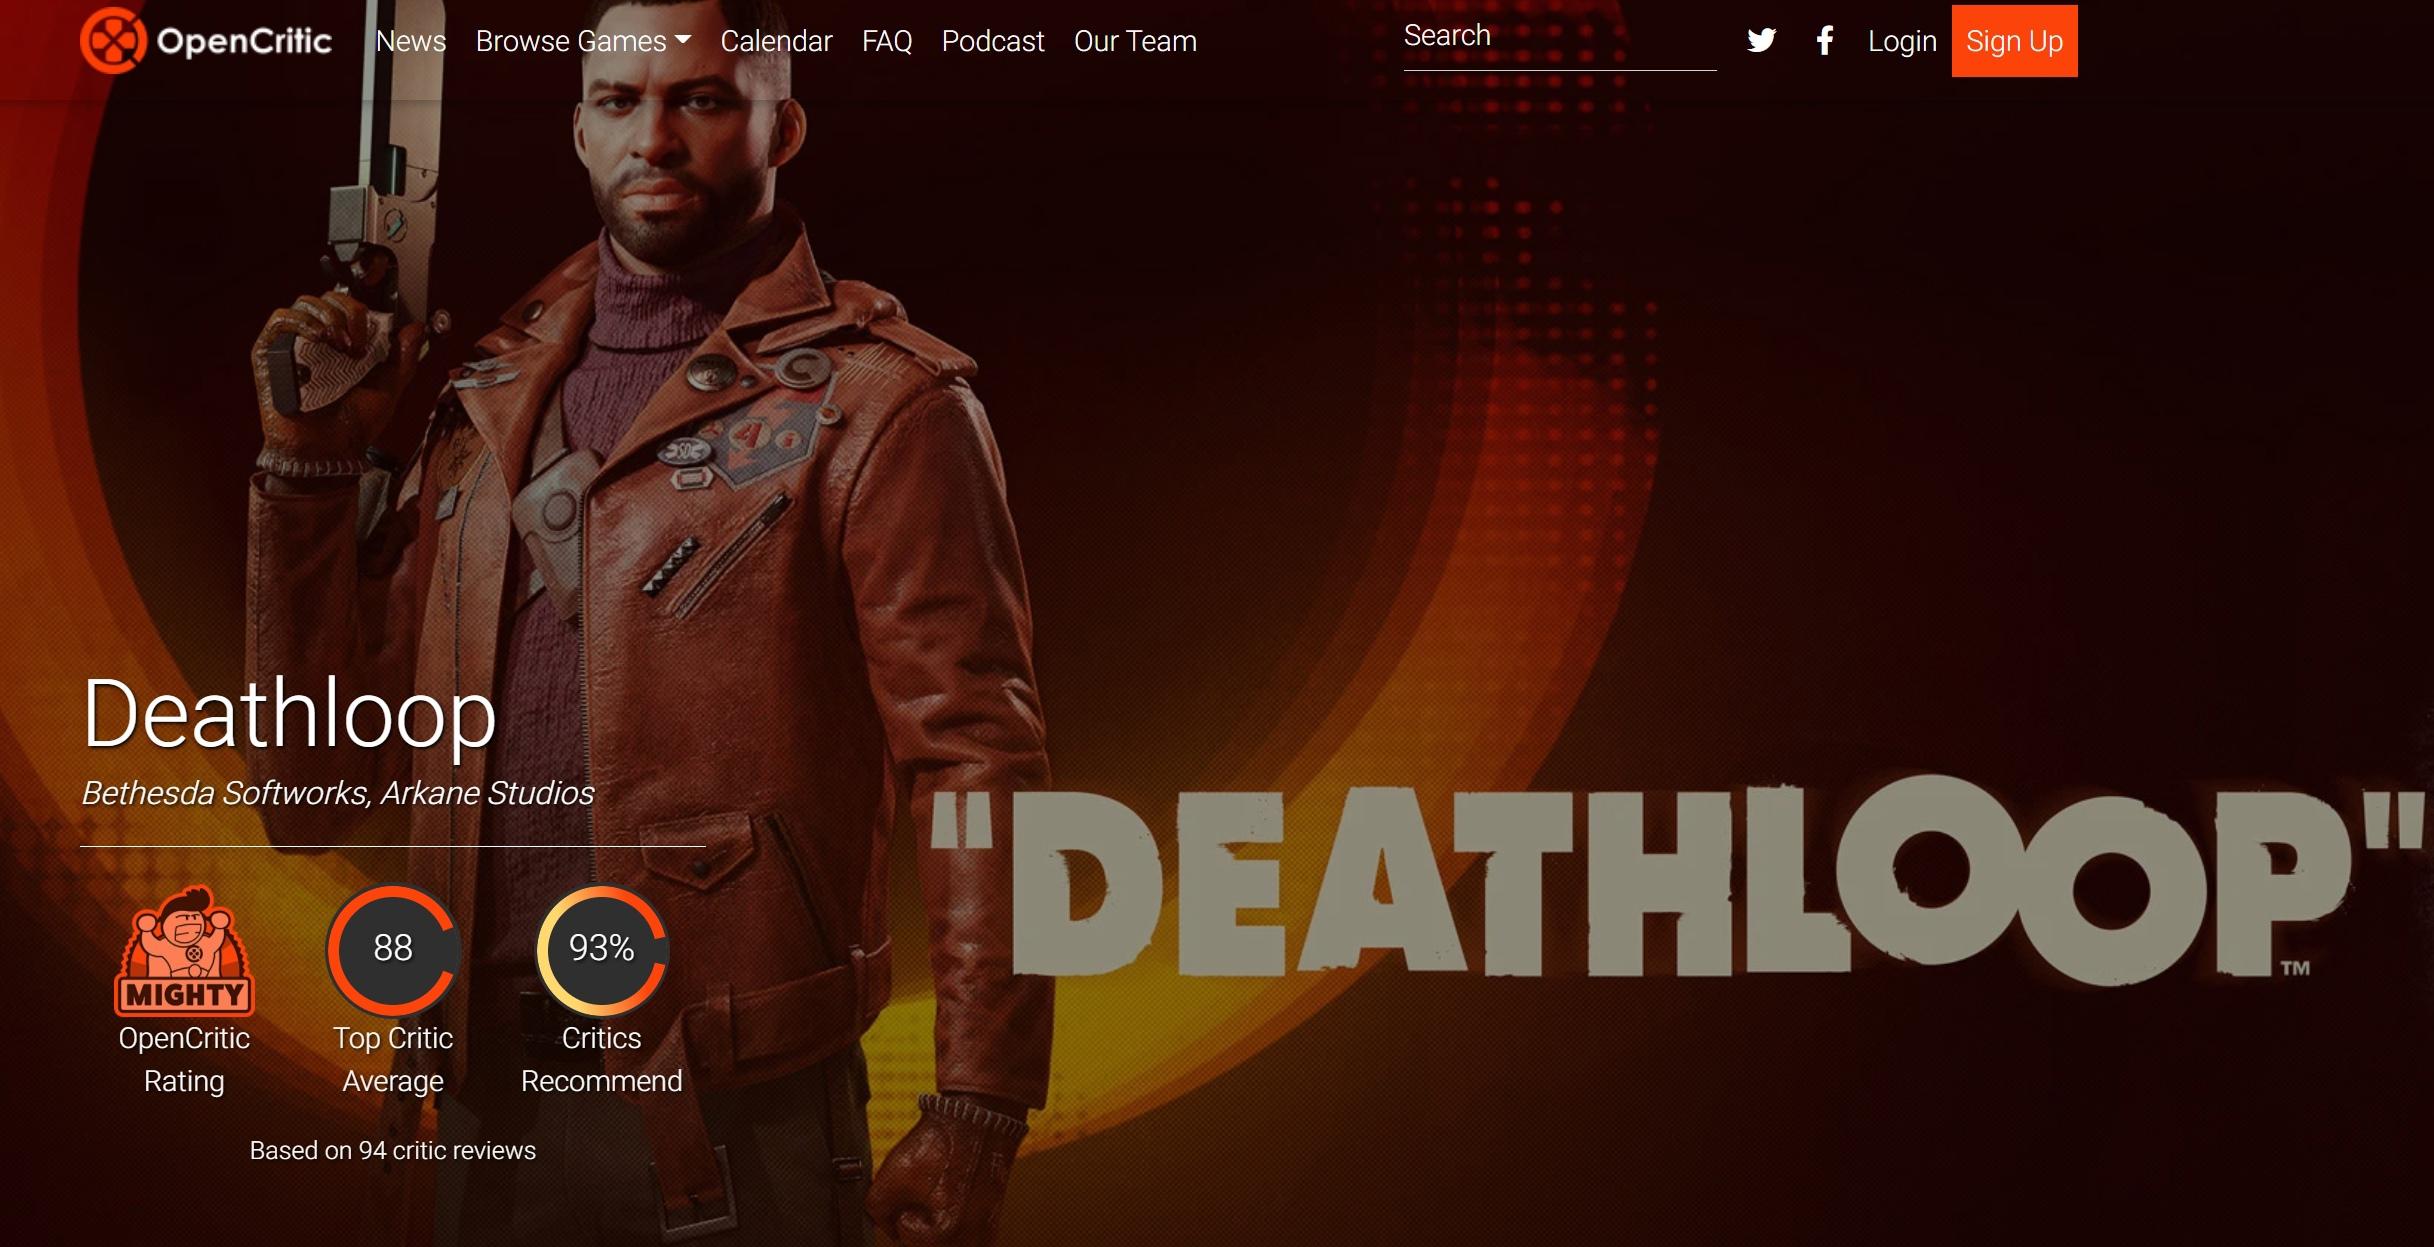 Почитали обзоры Deathloop, как положительные, так и «негативные» на 7 баллов — Dishonored, но красочная и веселая